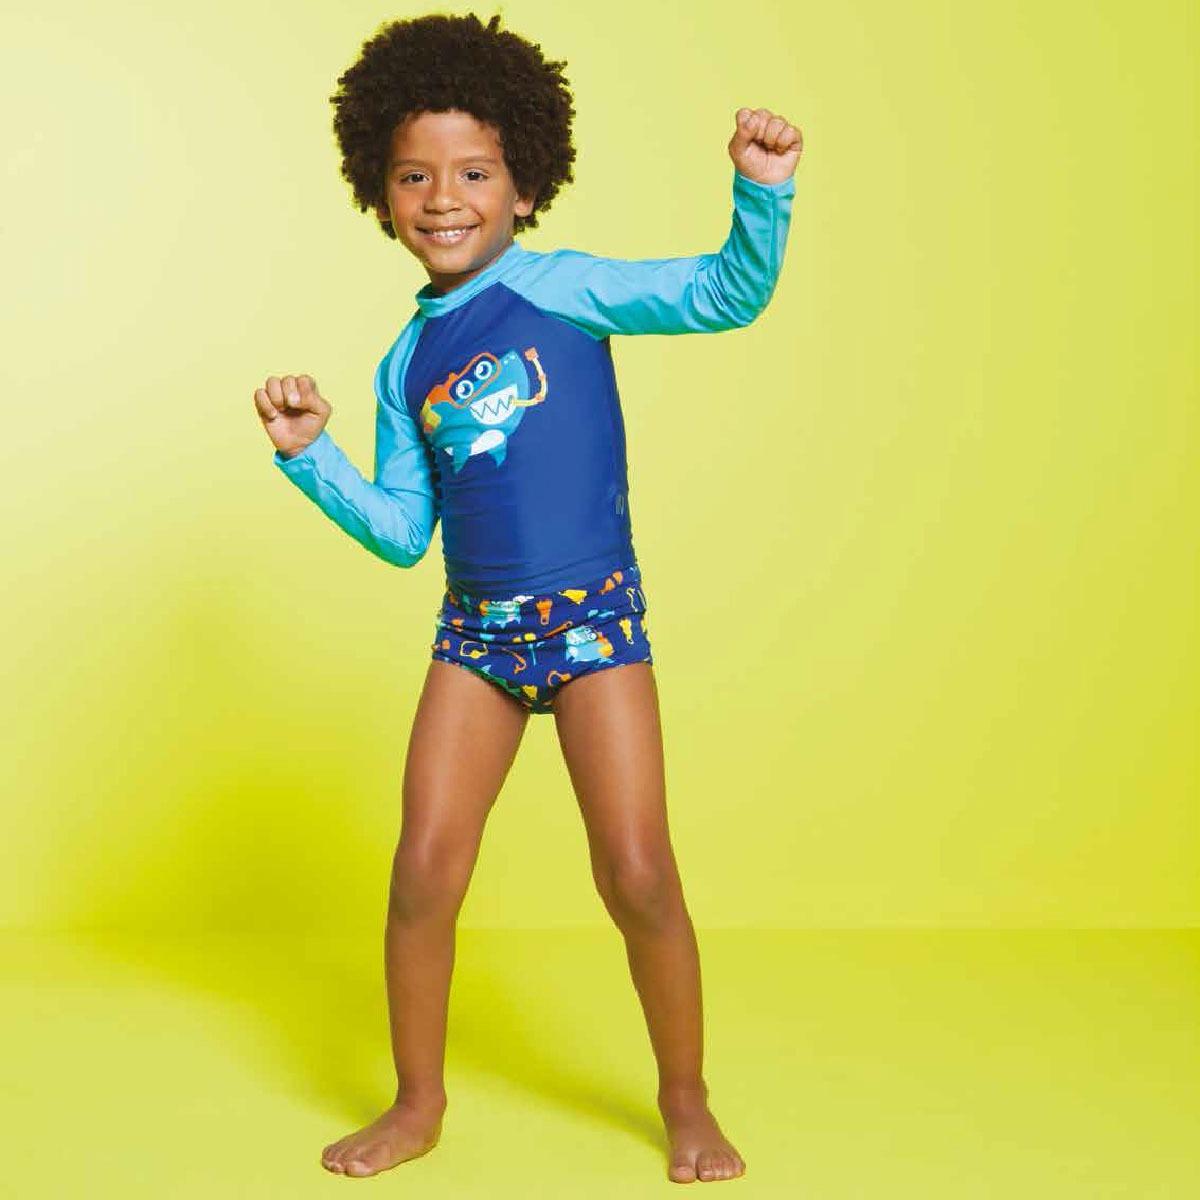 cb2141476 conjunto de banho para bebê tubarão mergulhador: camiseta su. Carregando  zoom.